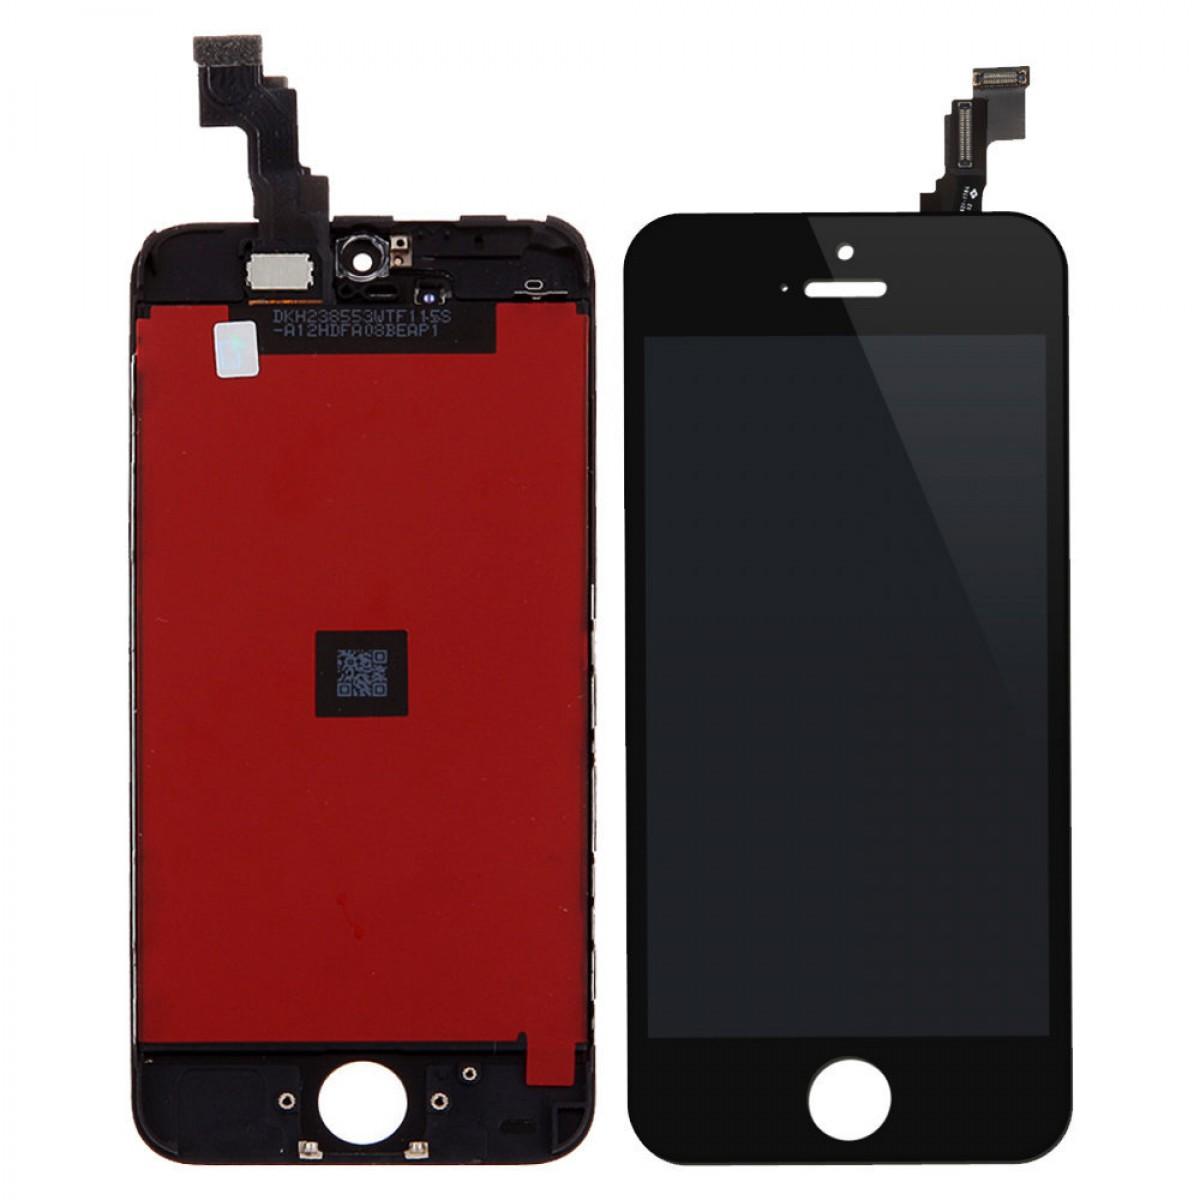 Cran iphone 5c noir achat en ligne sur lcd maroc for Ecran photo noir iphone 5